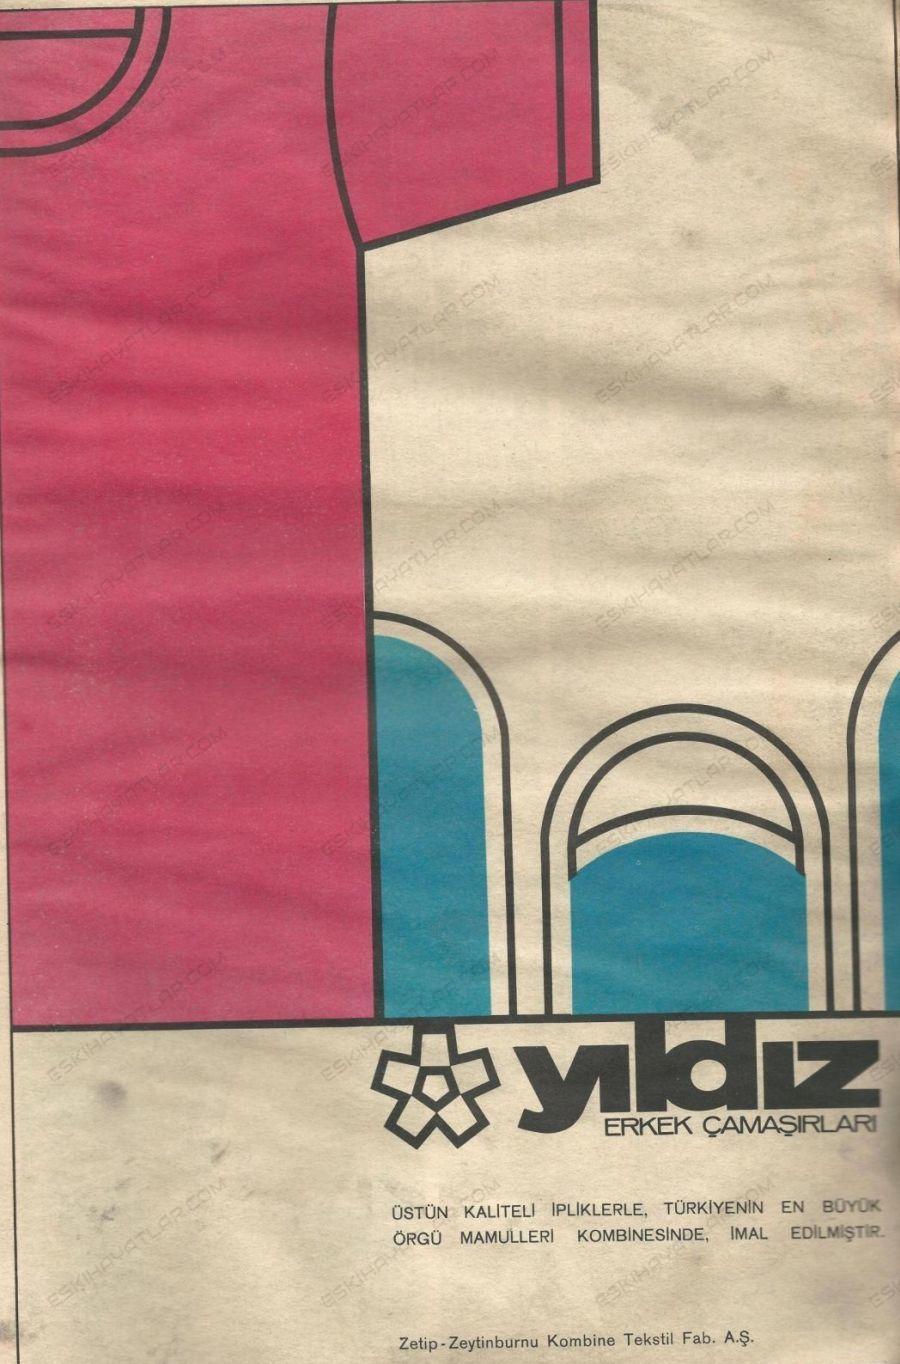 0336-yildiz-erkek-camasirlari-1973-yilinda-camasir-reklamlari